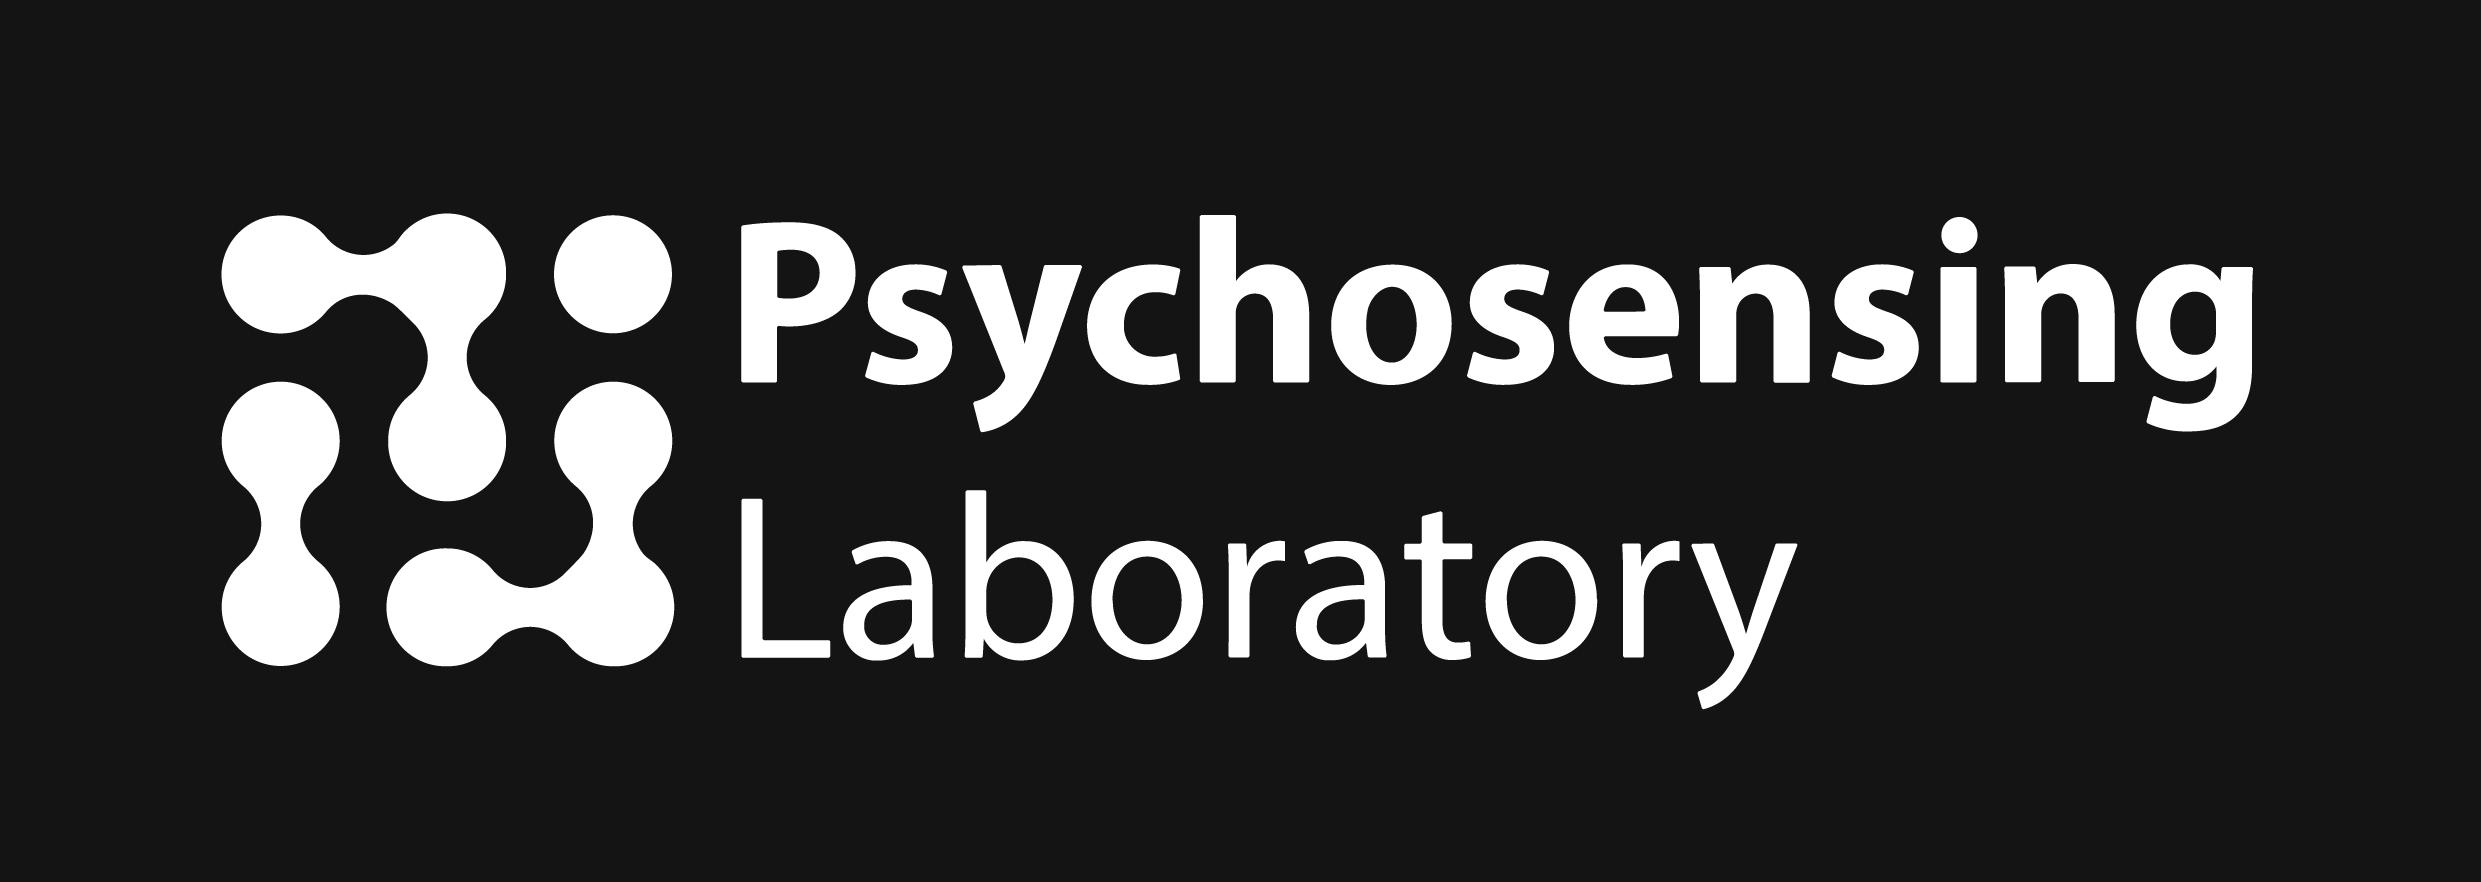 Psychosensing Lab